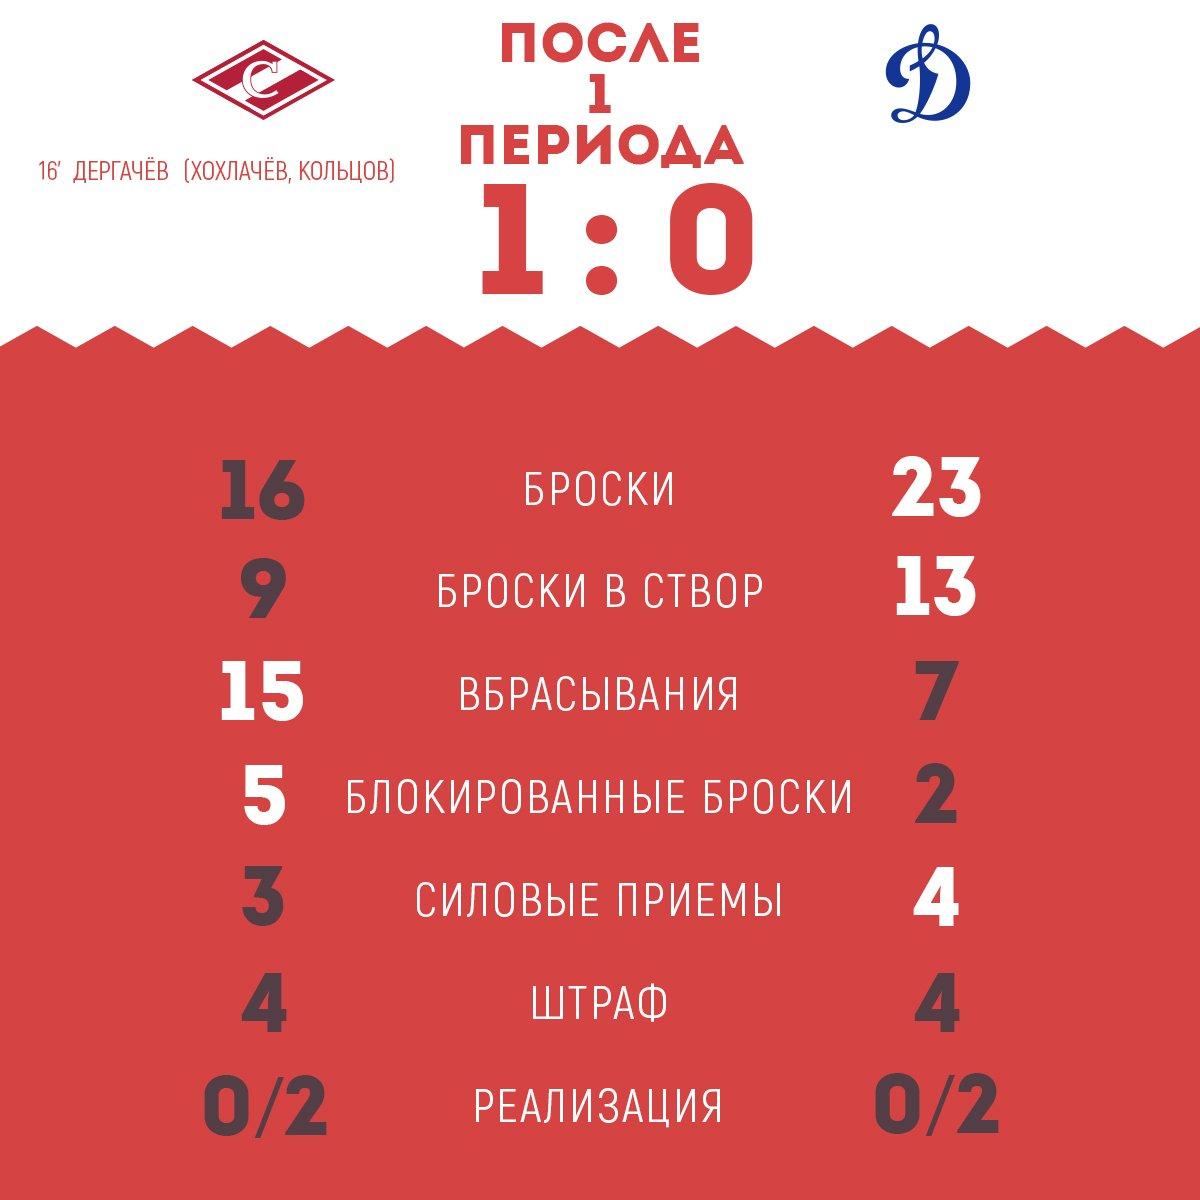 Статистика матча «Спартак» vs «Динамо» после 1-го периода